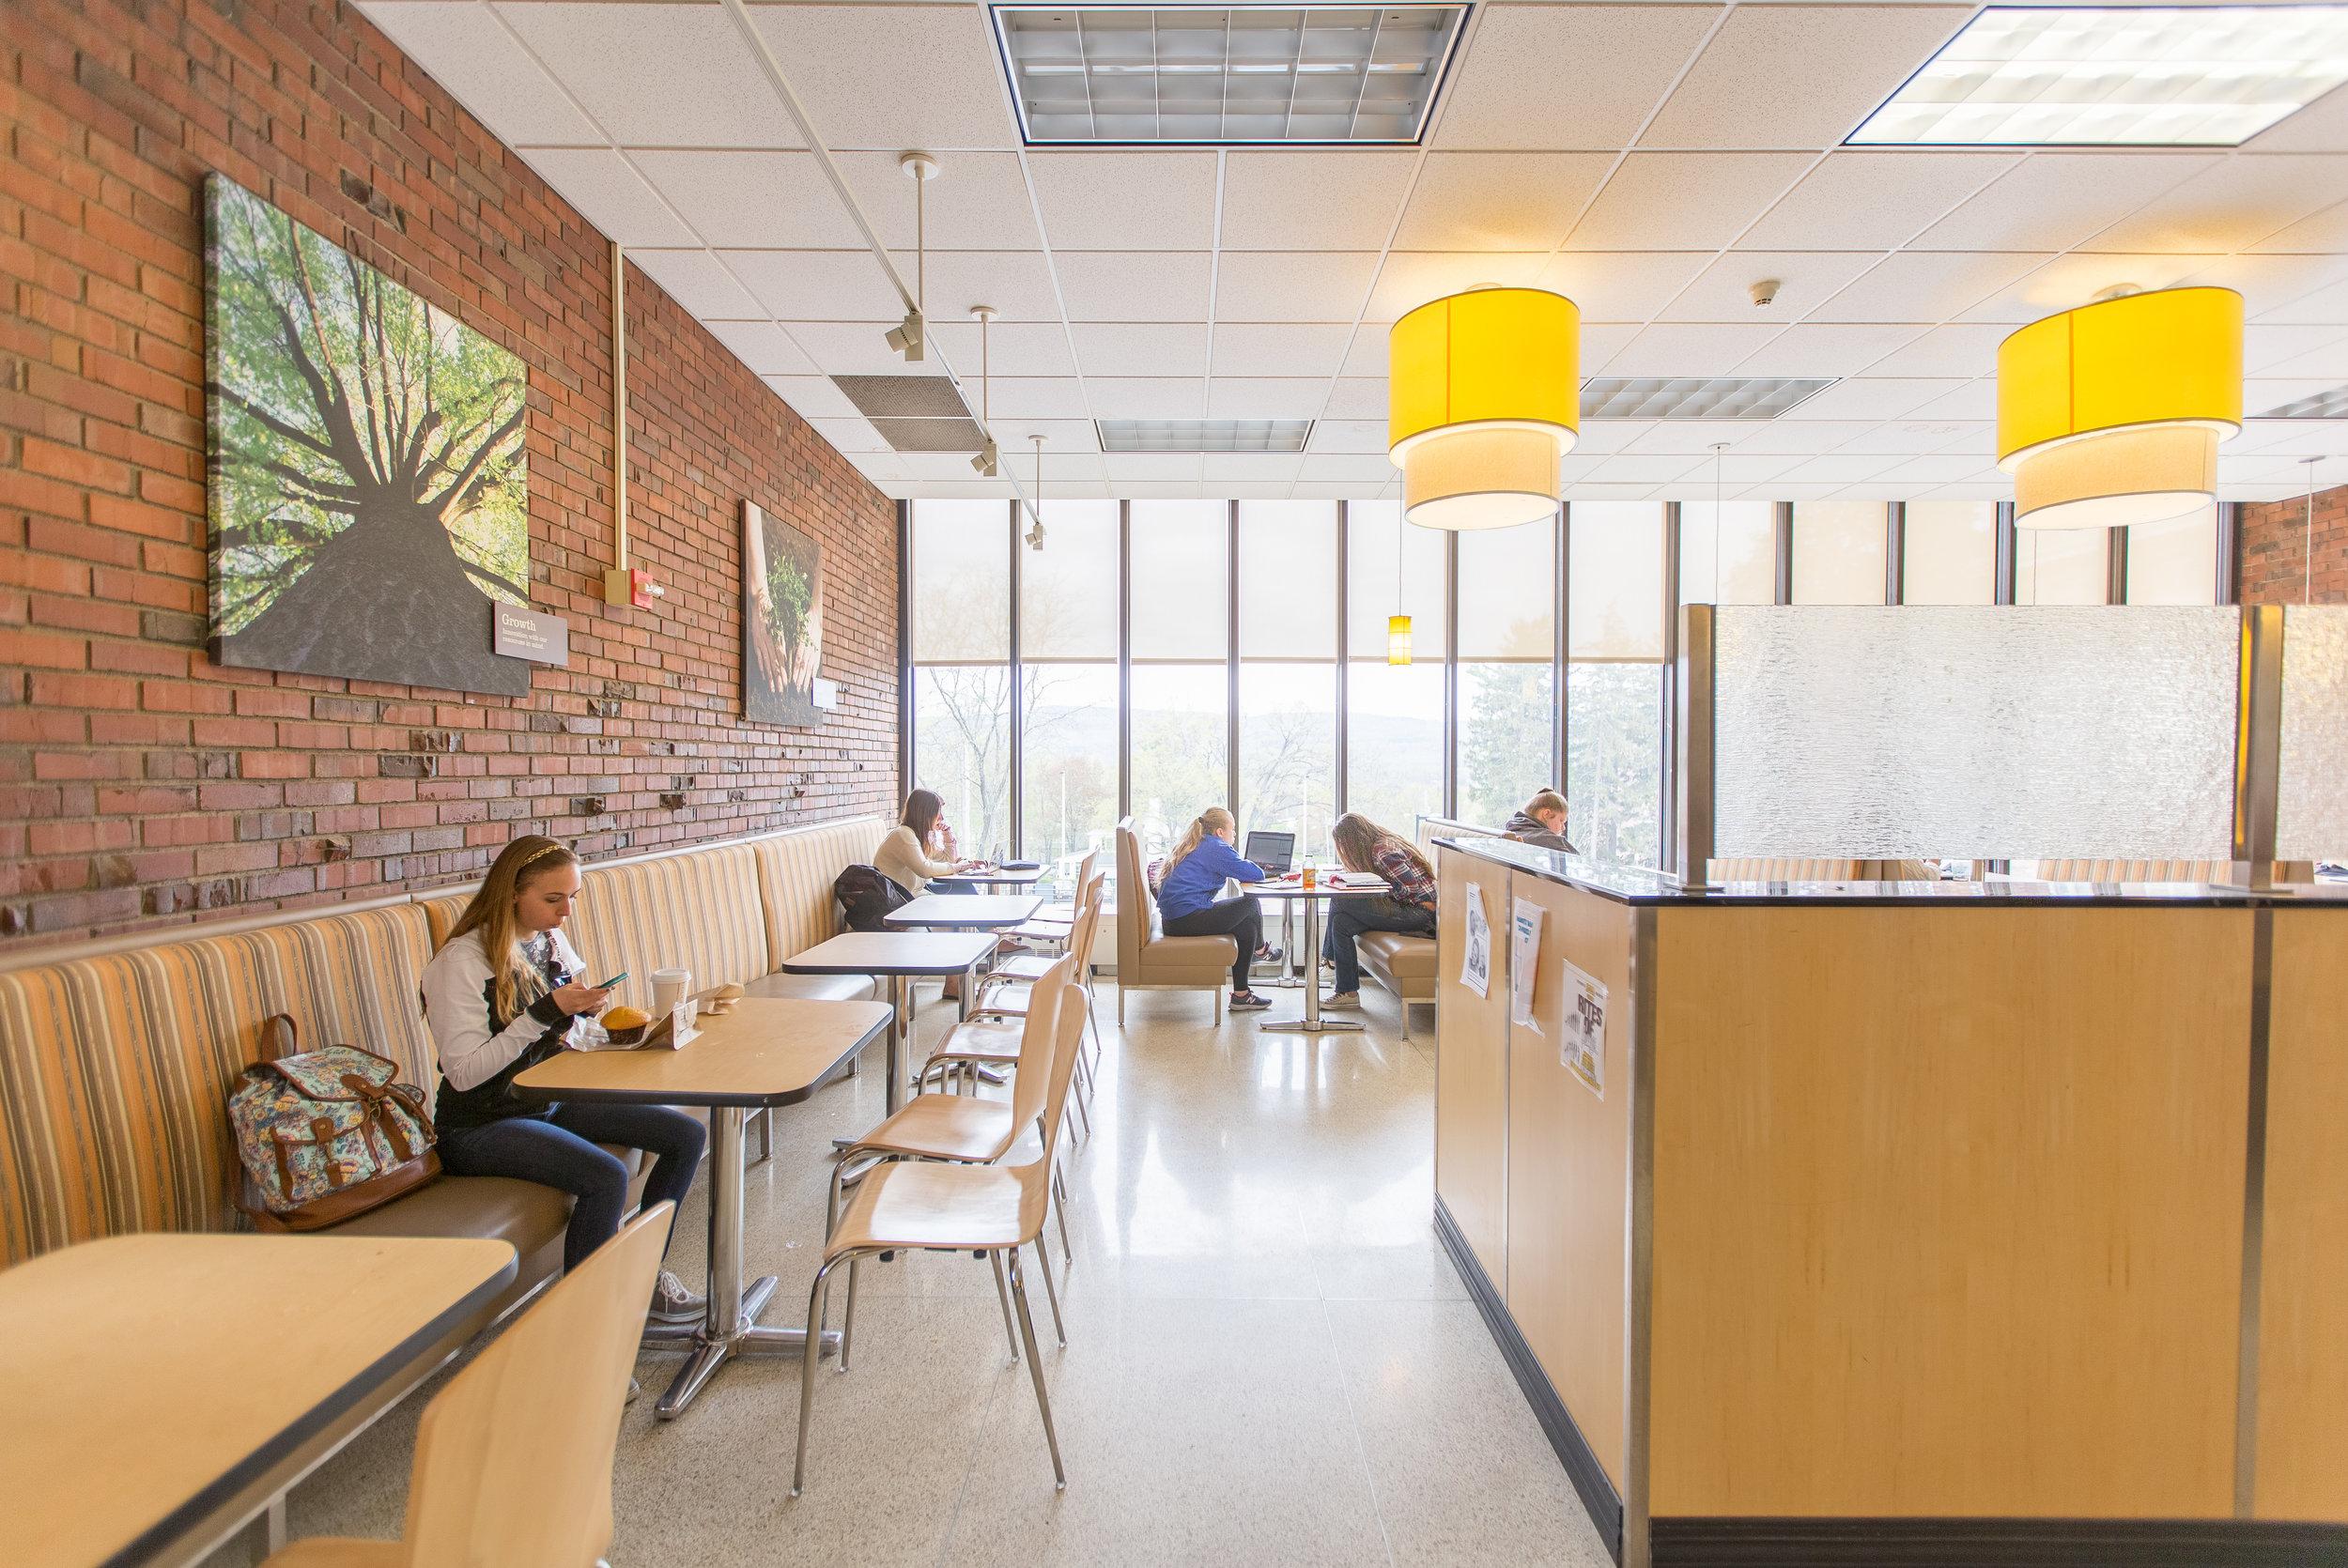 Jazzman's Cafe  SUNY New Paltz